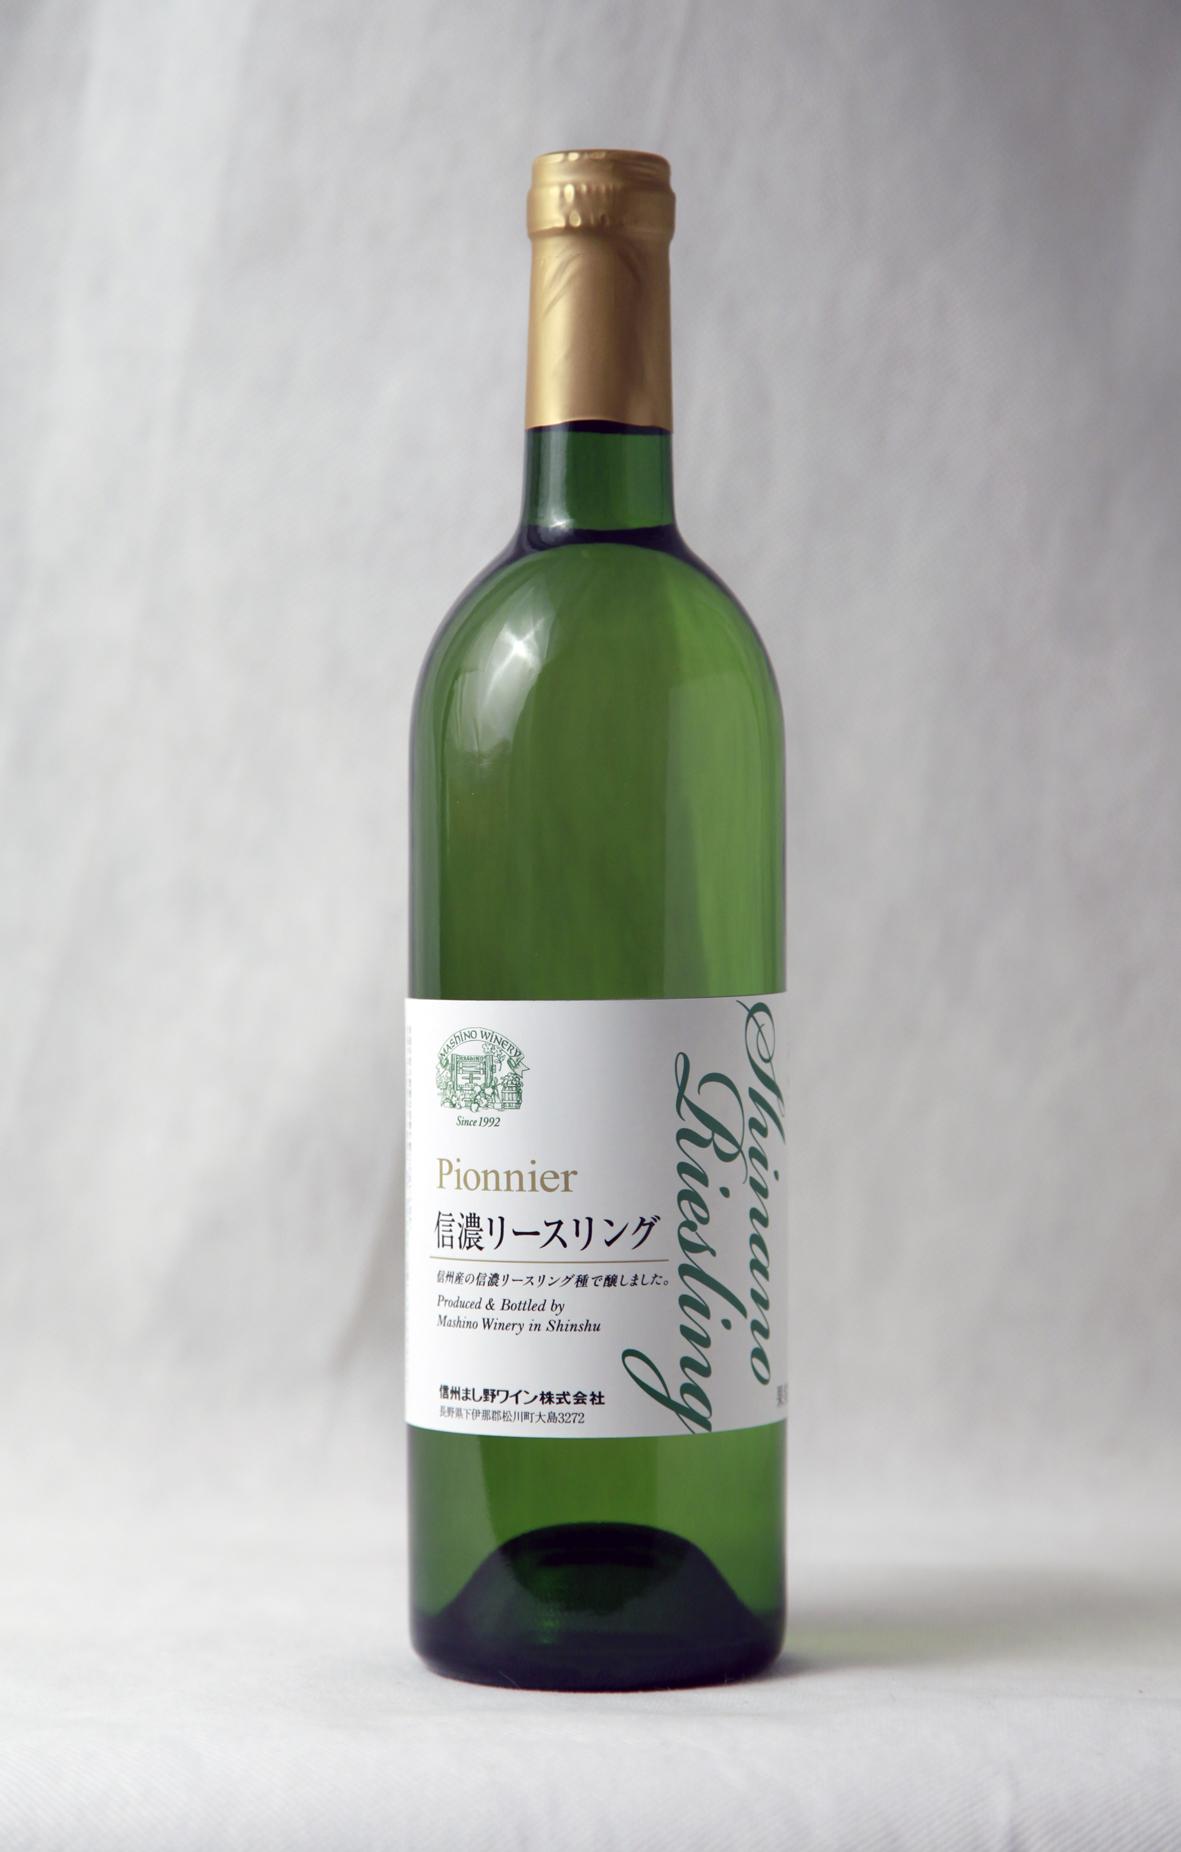 信州まし野ワイン(株)/まし野ワイナリー